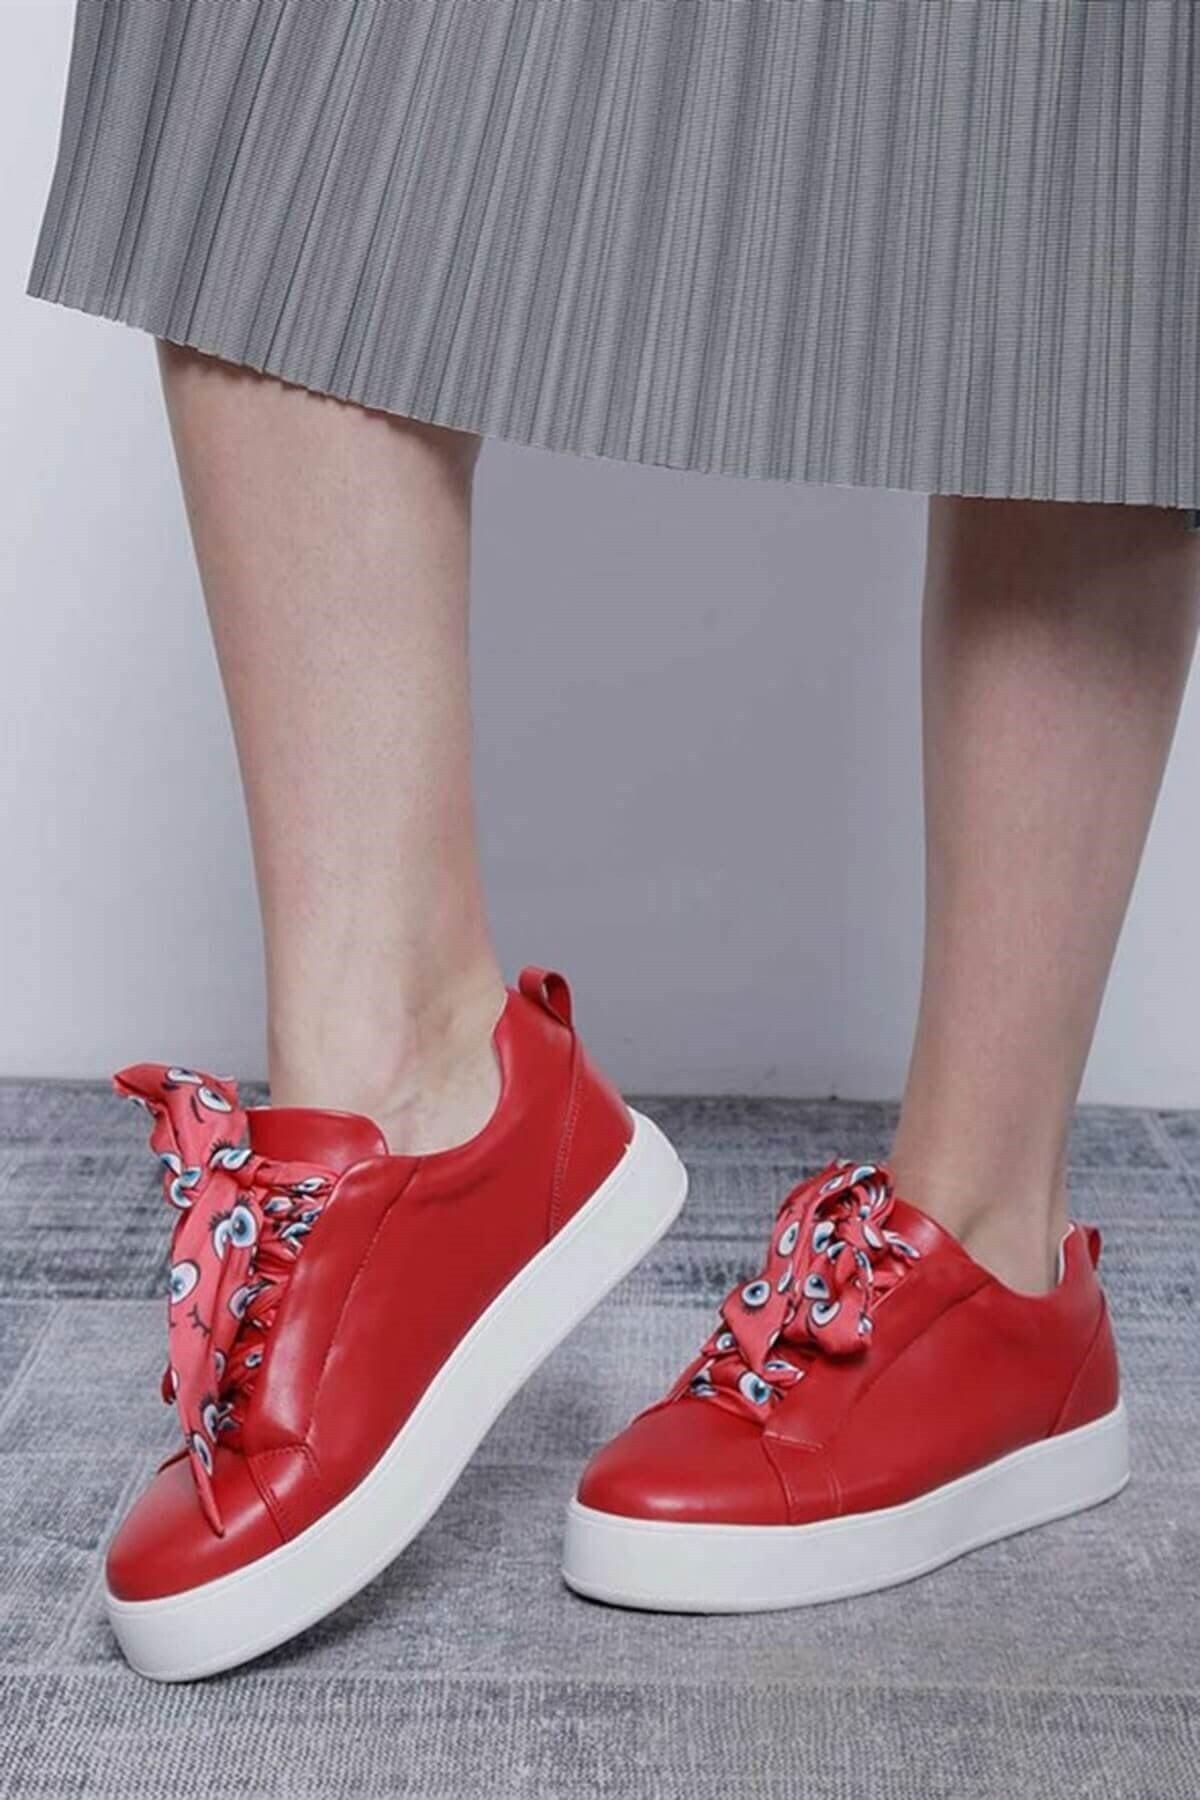 Mossta Kadın Kırmızı Bağcık Desenli Spor Ayakkabı 2